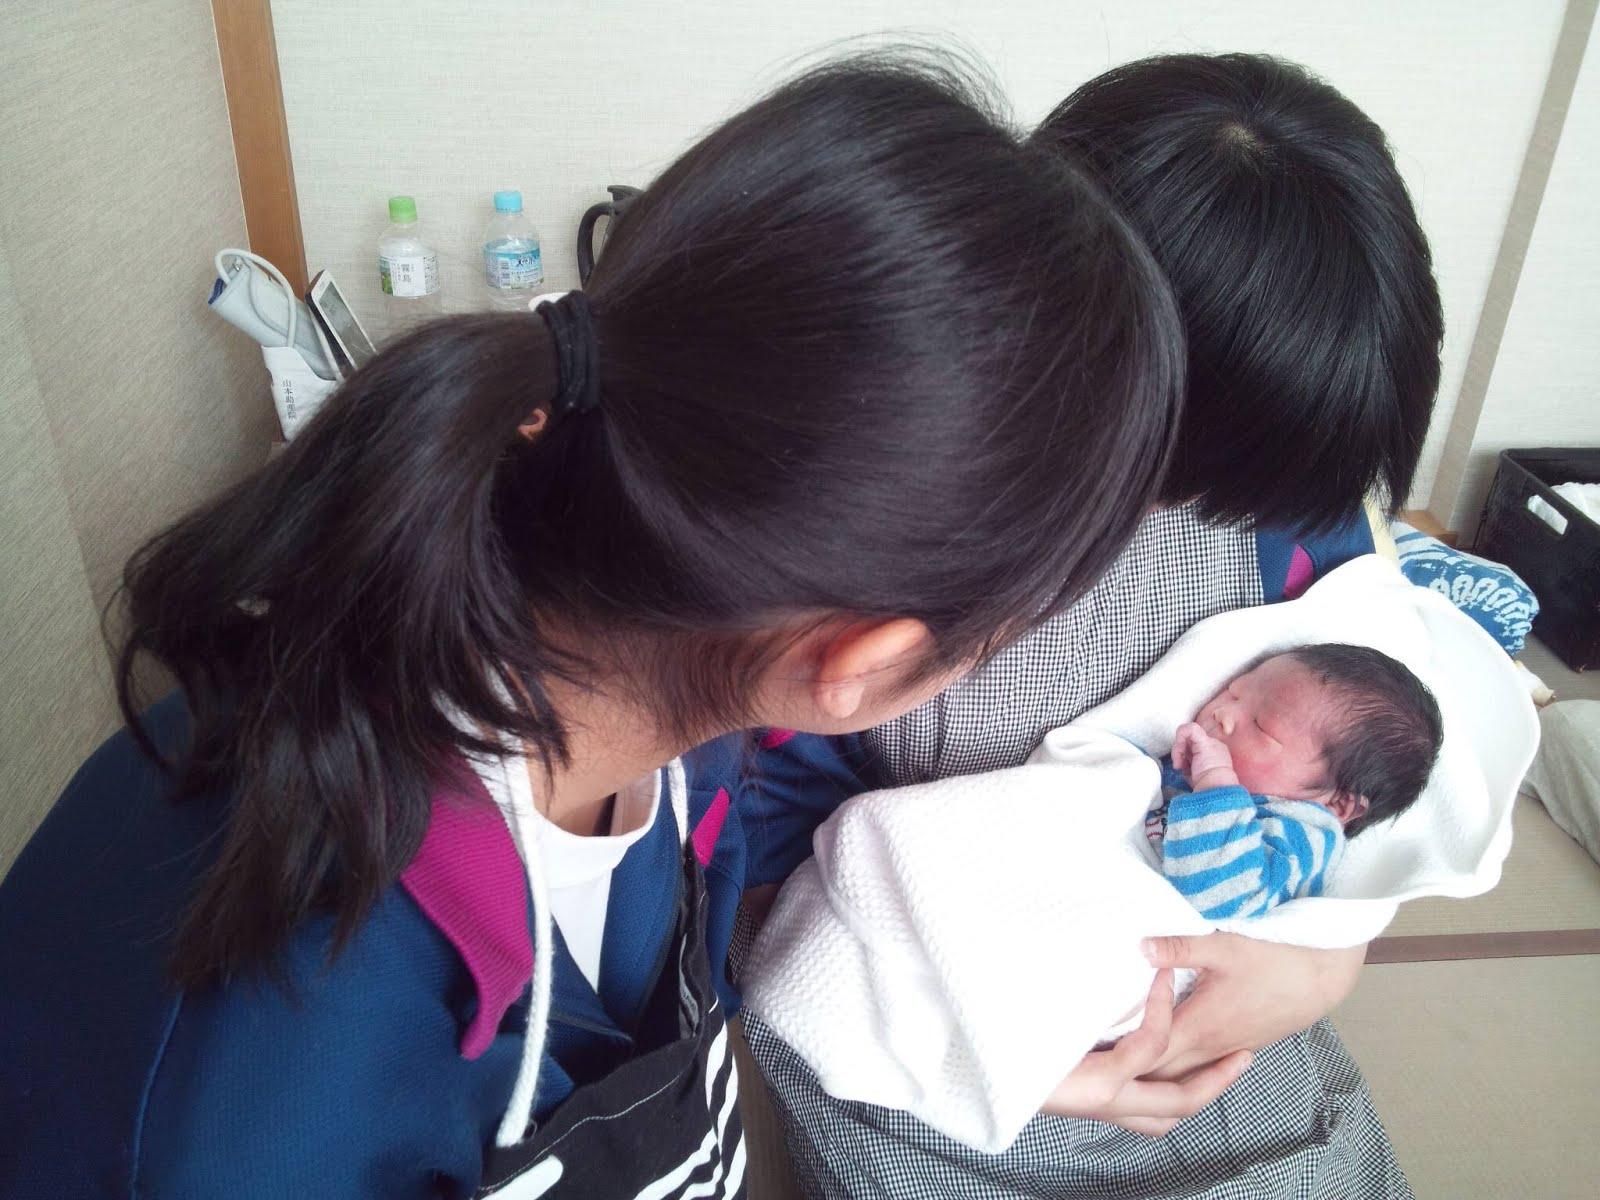 中学生 妊婦 妊婦健診で、妊婦さんのお腹に触らせてもらったり、赤ちゃんを抱っこしました。中学生Mさんは、弟さんが助産院で生まれて、お産の時に立ち会ったそうです。